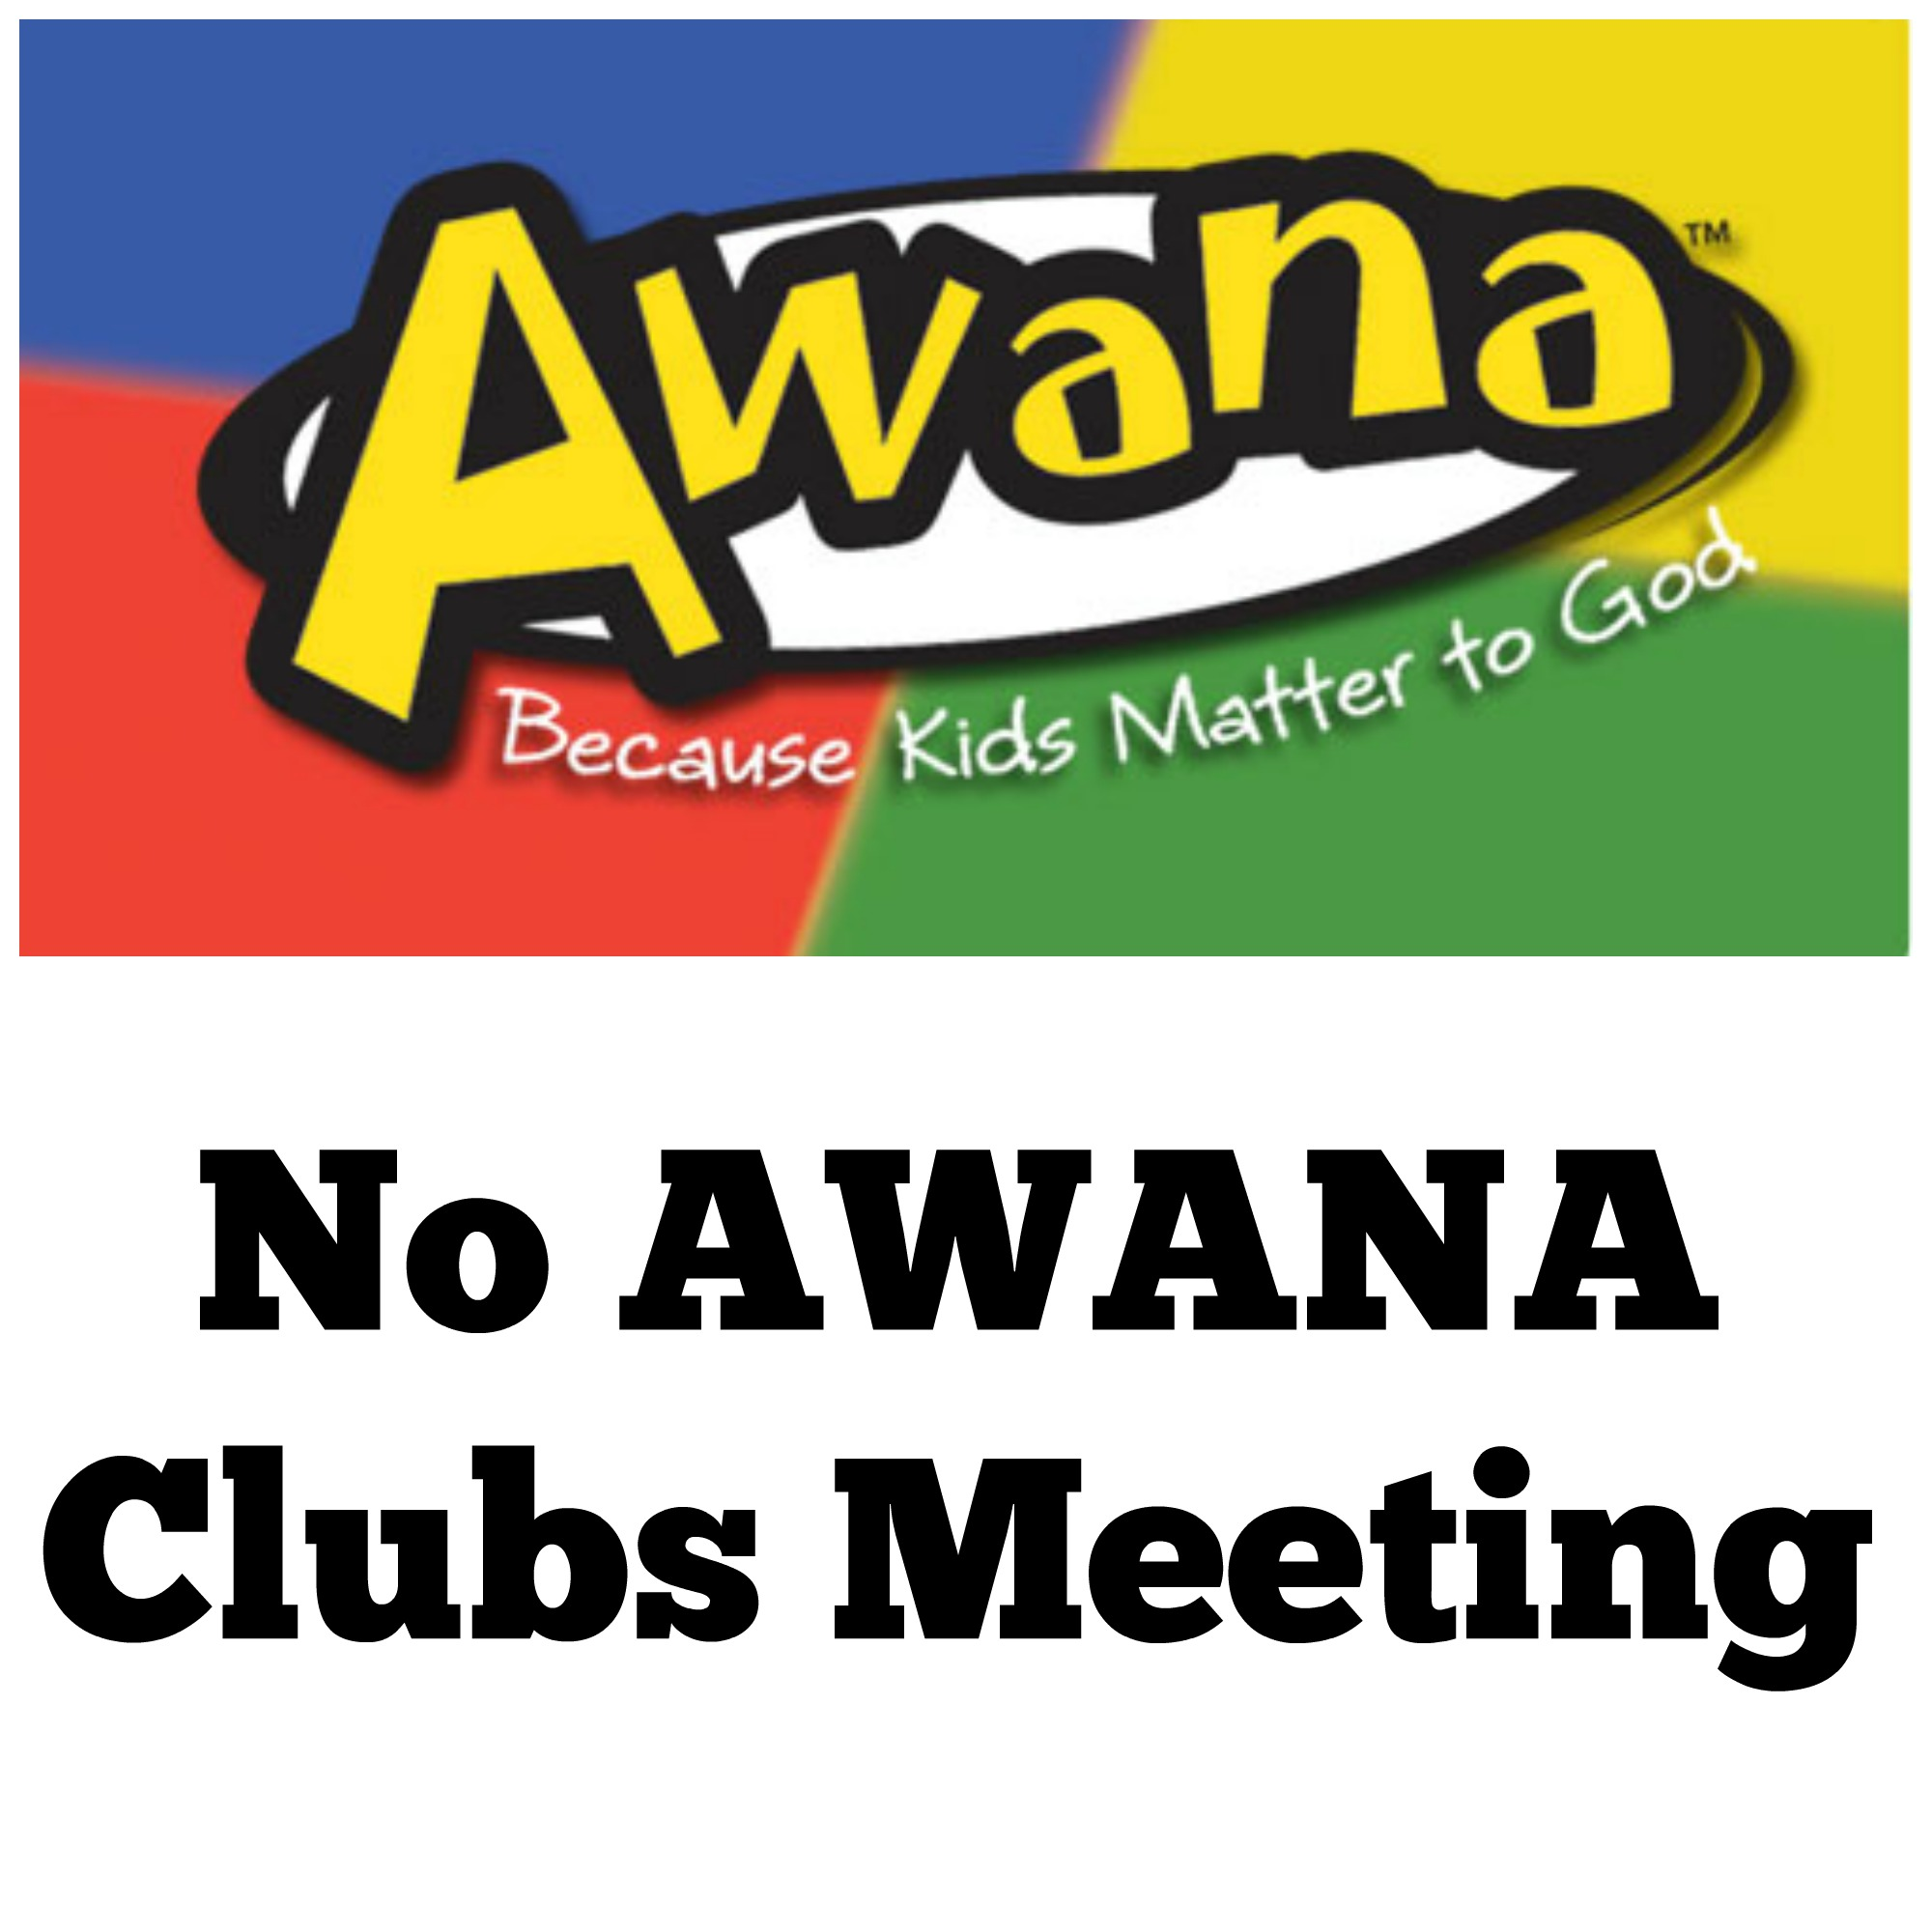 AWANANoMeeting.jpg